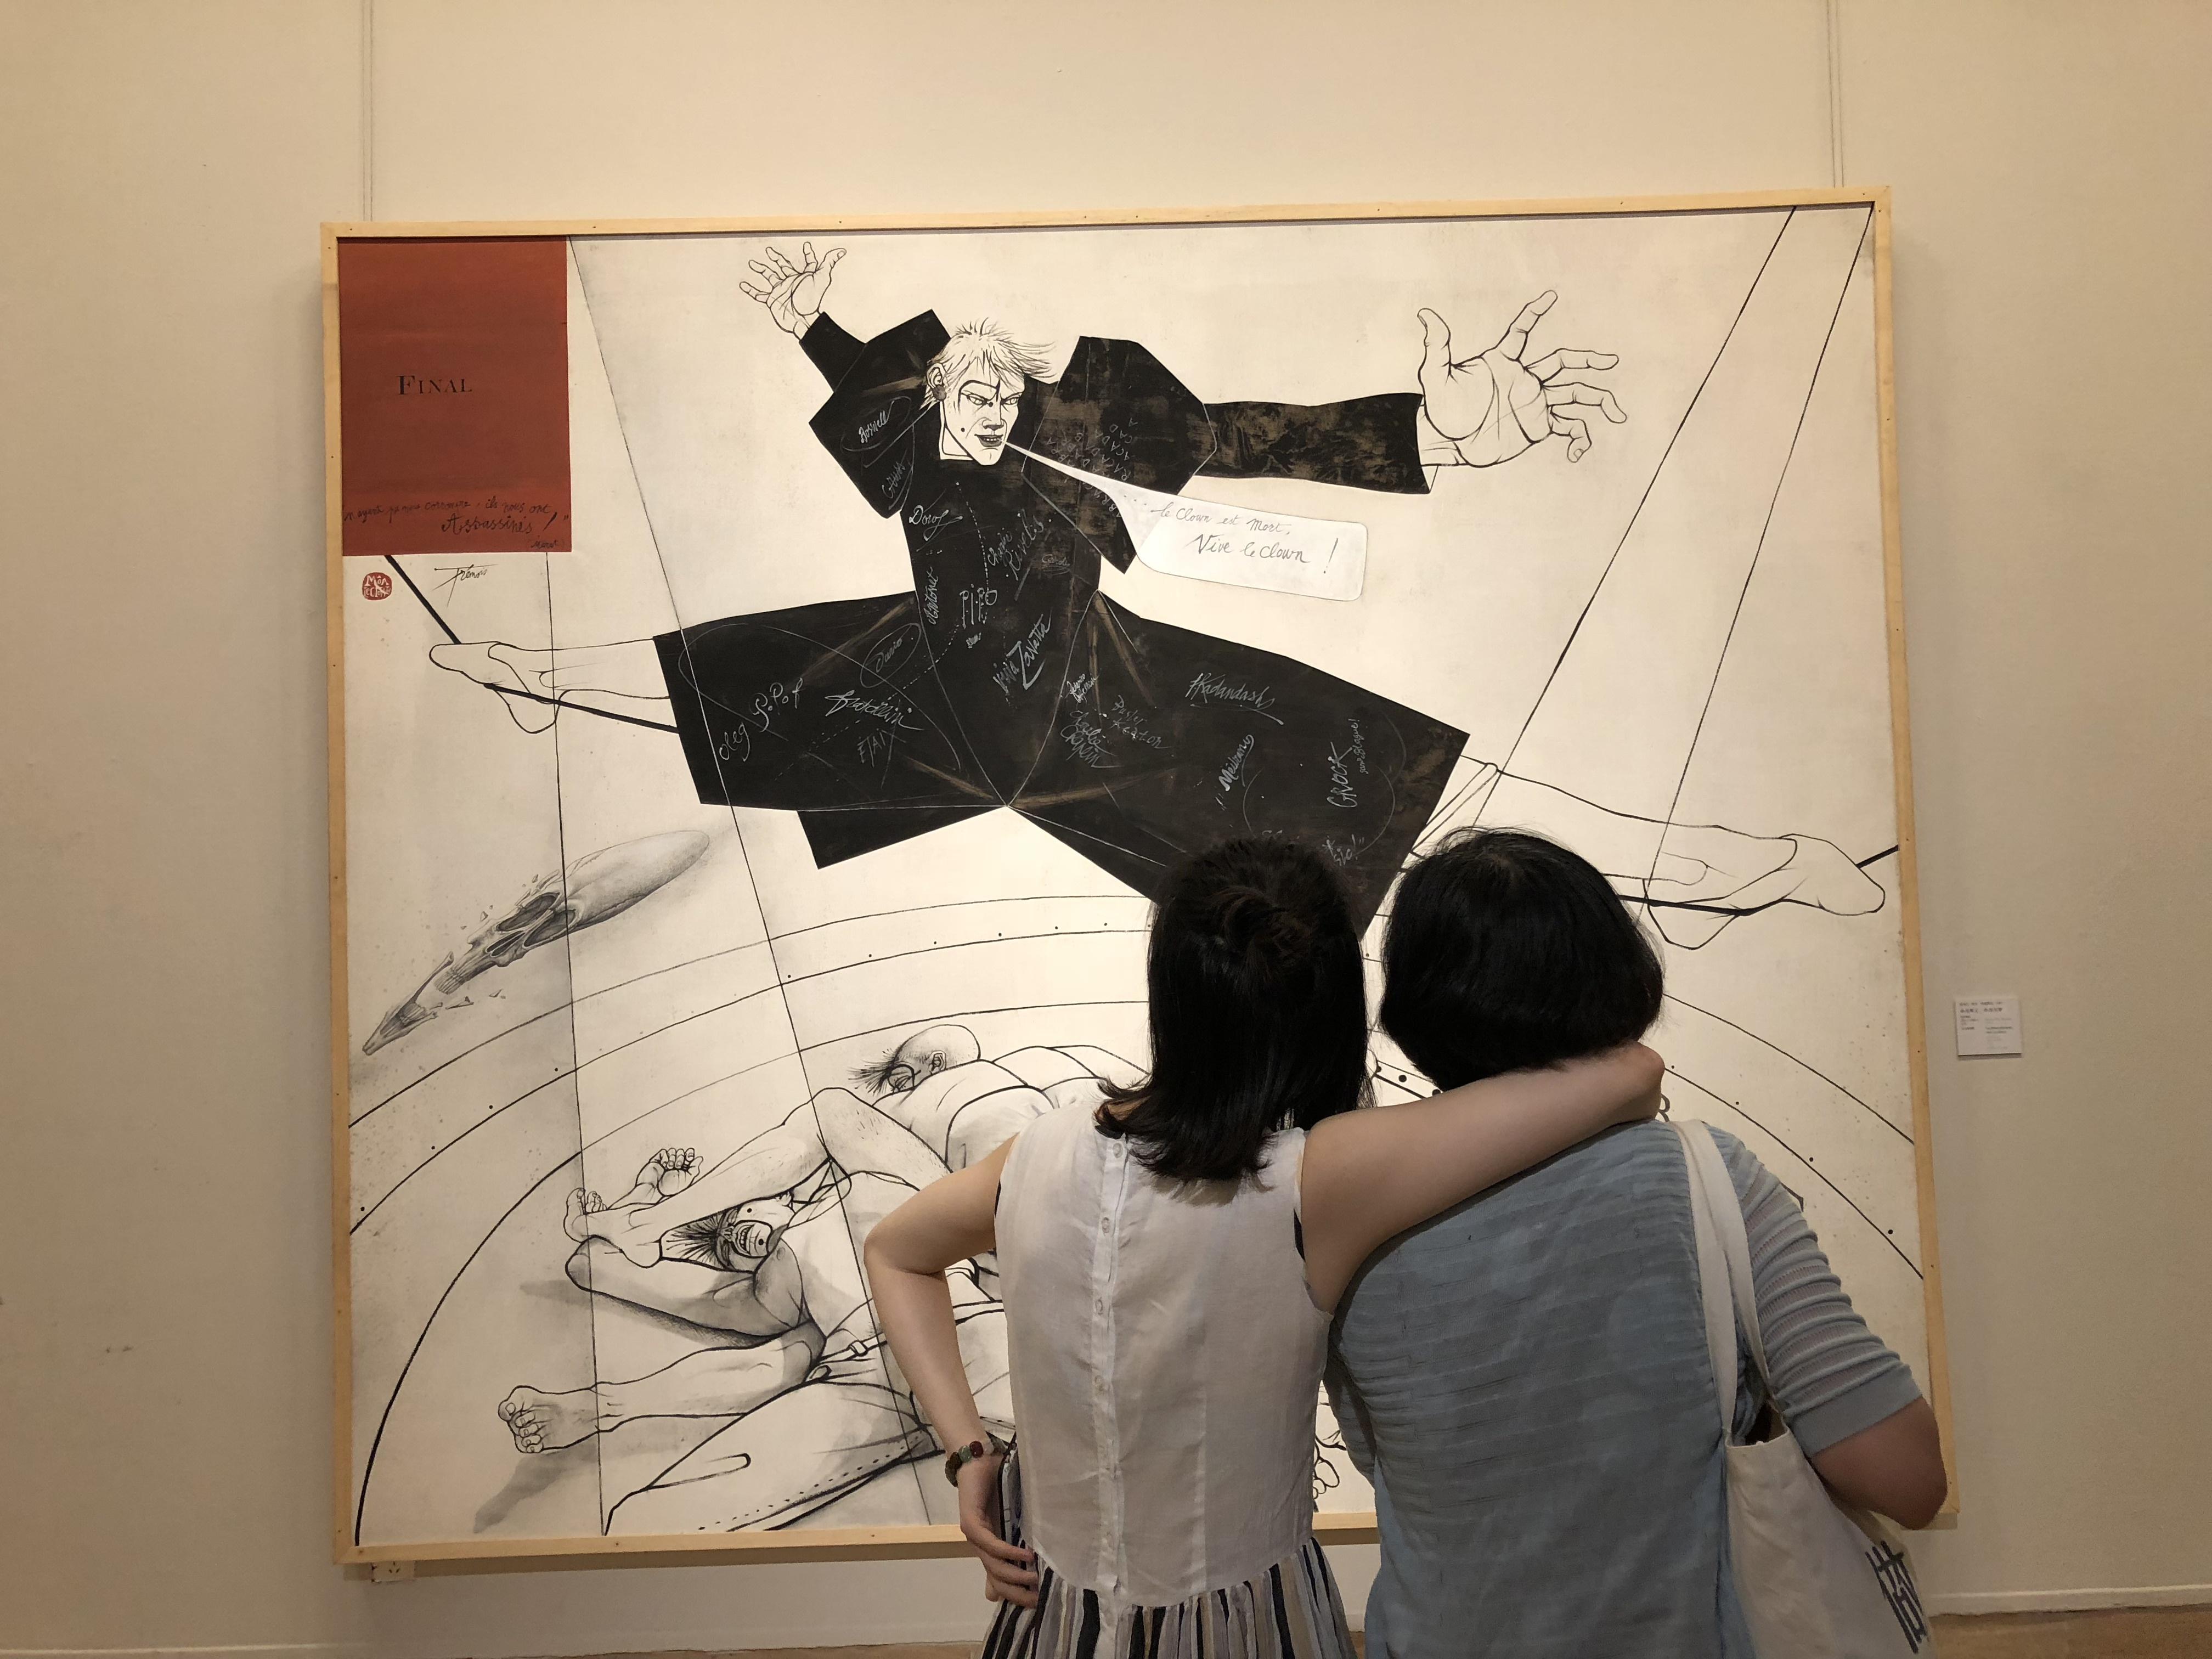 美美与共——中国美术馆藏国际艺术作品展